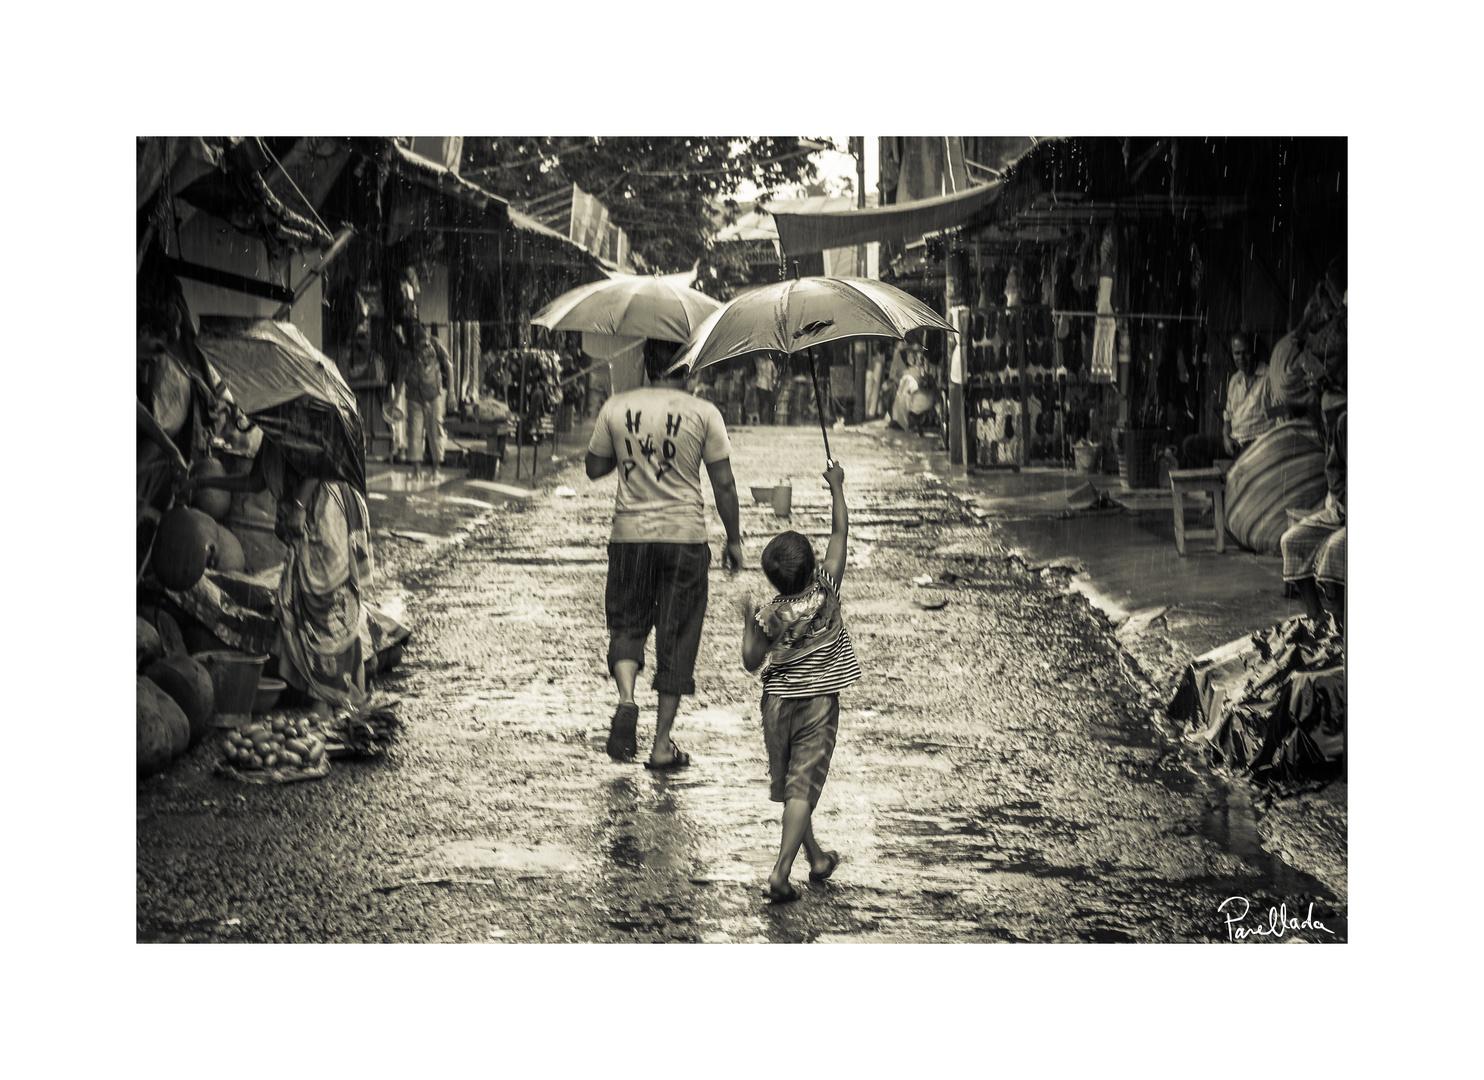 L'enfant au parapluie - Bangladesh (2015)